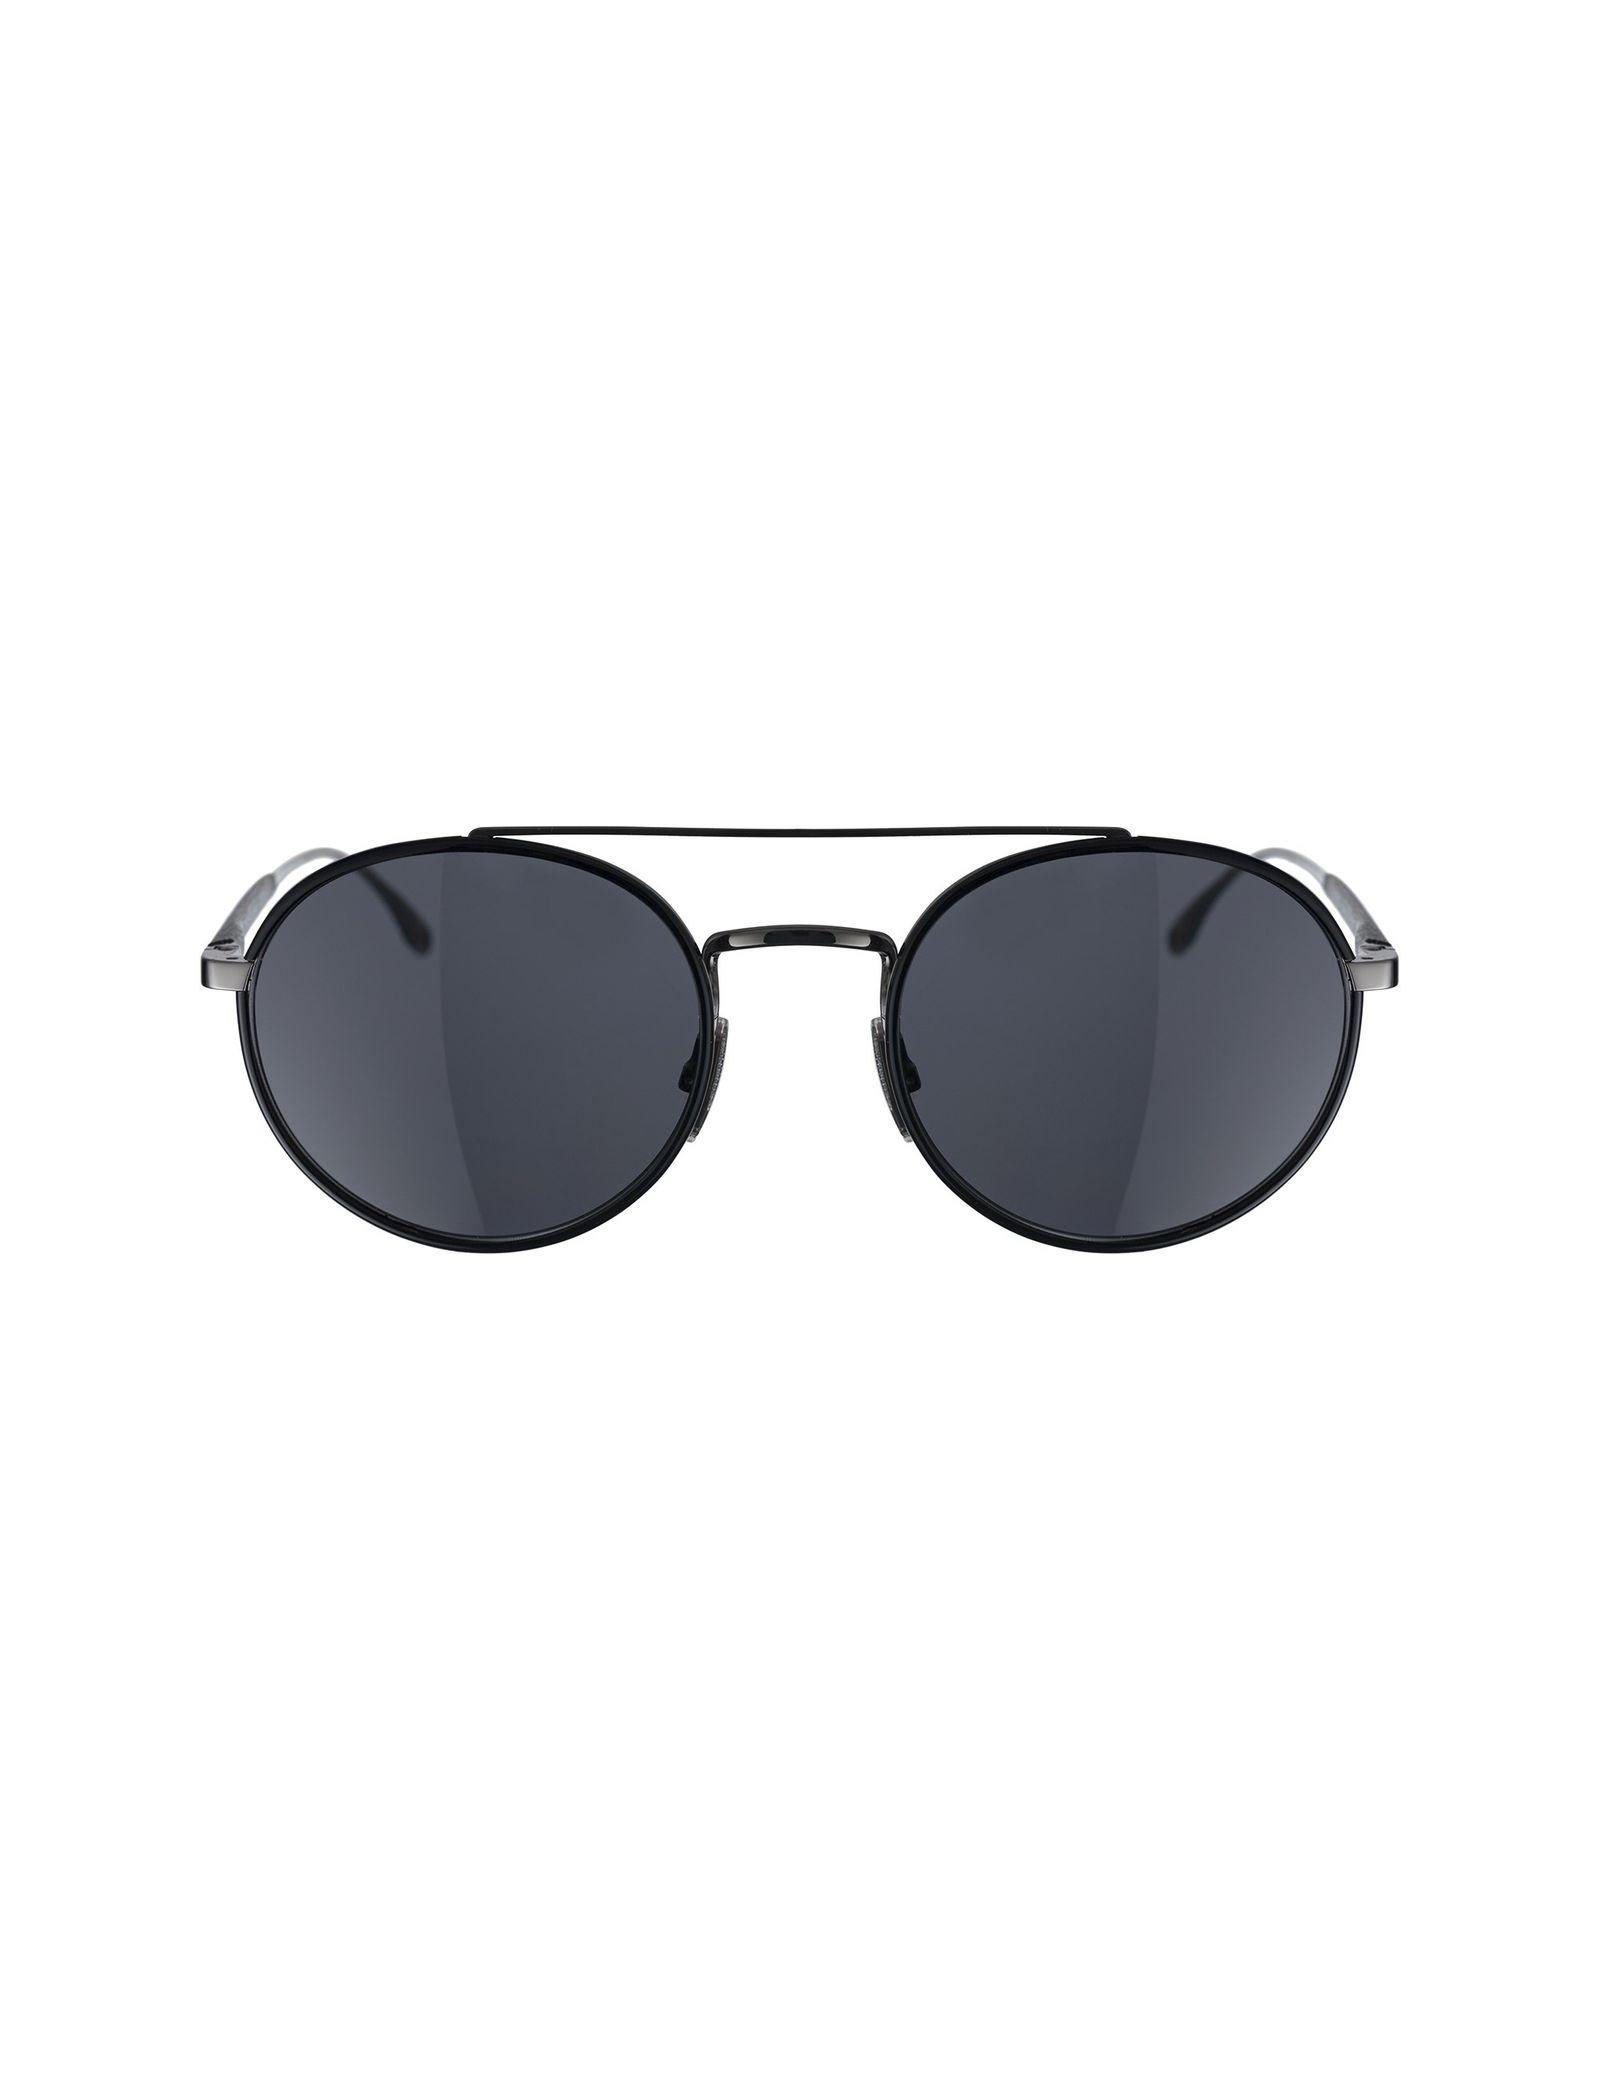 عینک آفتابی گرد مردانه - باس - مشکي - 1